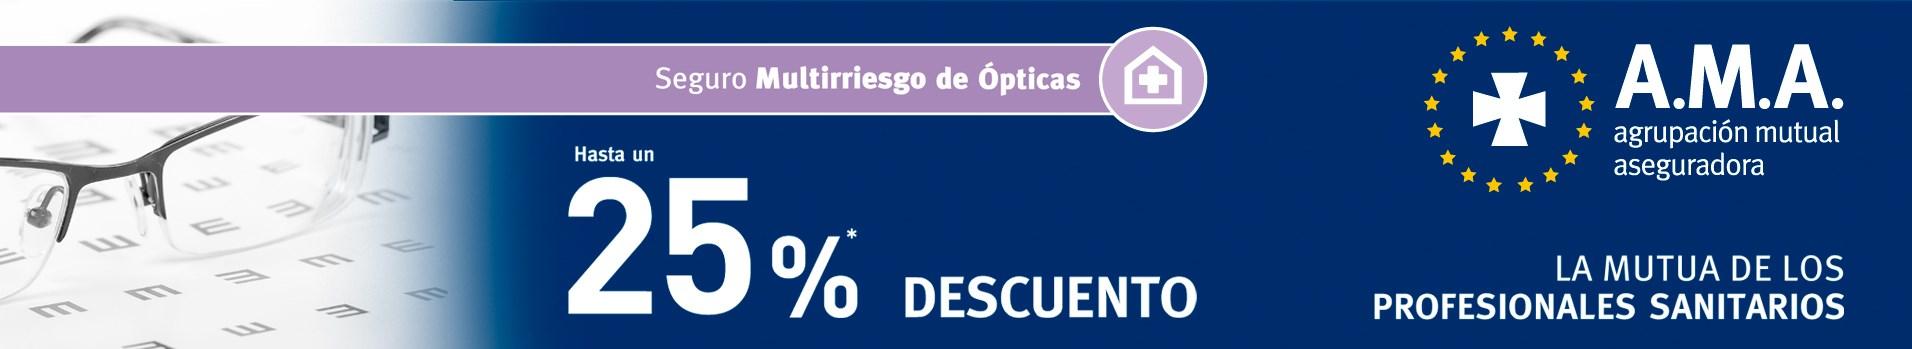 87f5f8de134 Inicio - Consejo General de Colegios de Ópticos-Optometristas